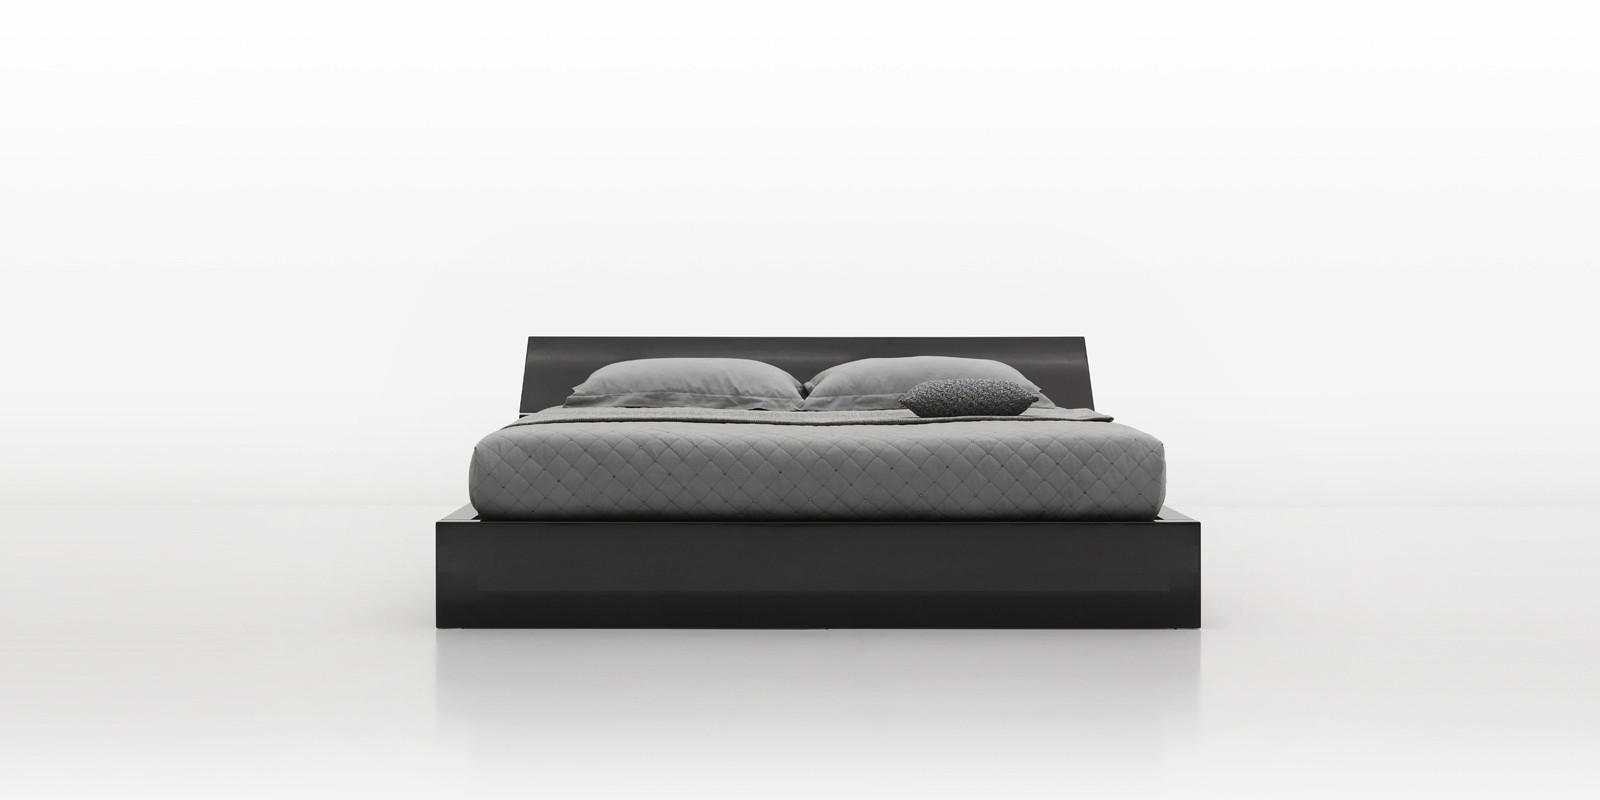 特点 床屏以铝合金特殊结构加固,床尾无缝l型设计 床屏及床尾采用